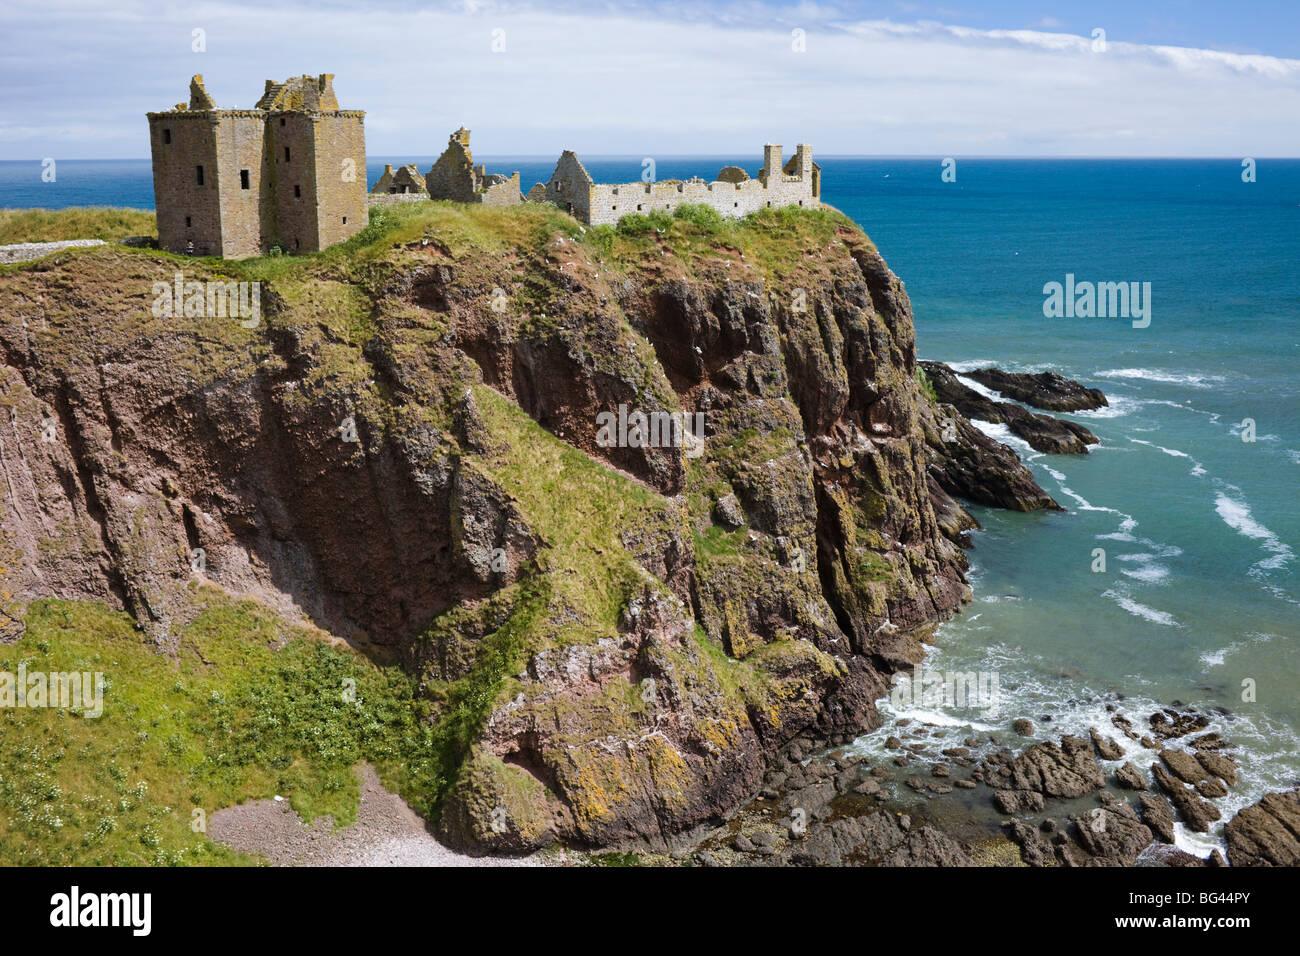 Scotland, Aberdeenshire, Dunnottar Castle - Stock Image